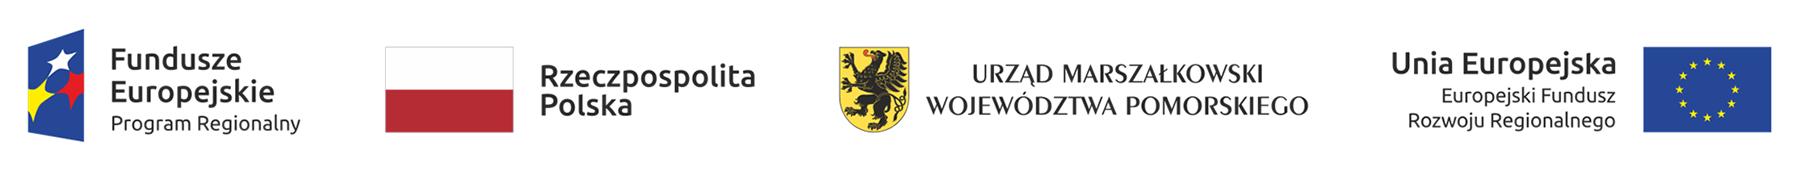 UE logotypy